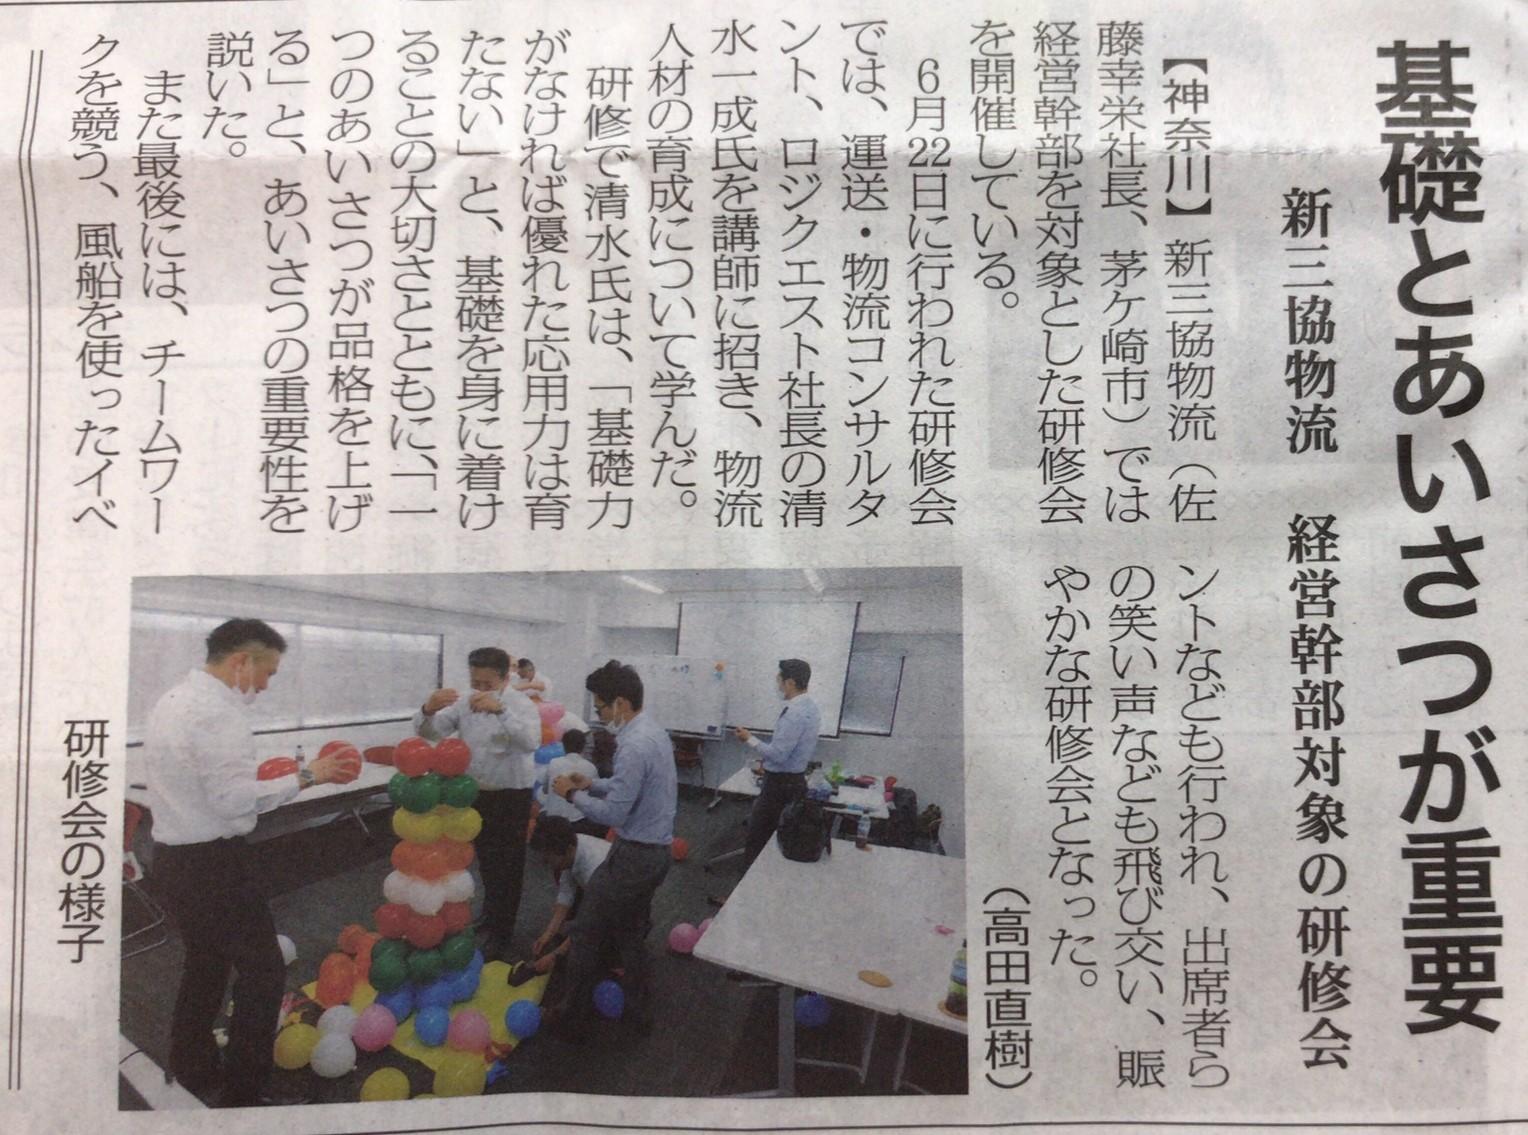 物流weekly掲載 新三協物流㈱ 物流管理者人財育成研修(部長・課長クラス)